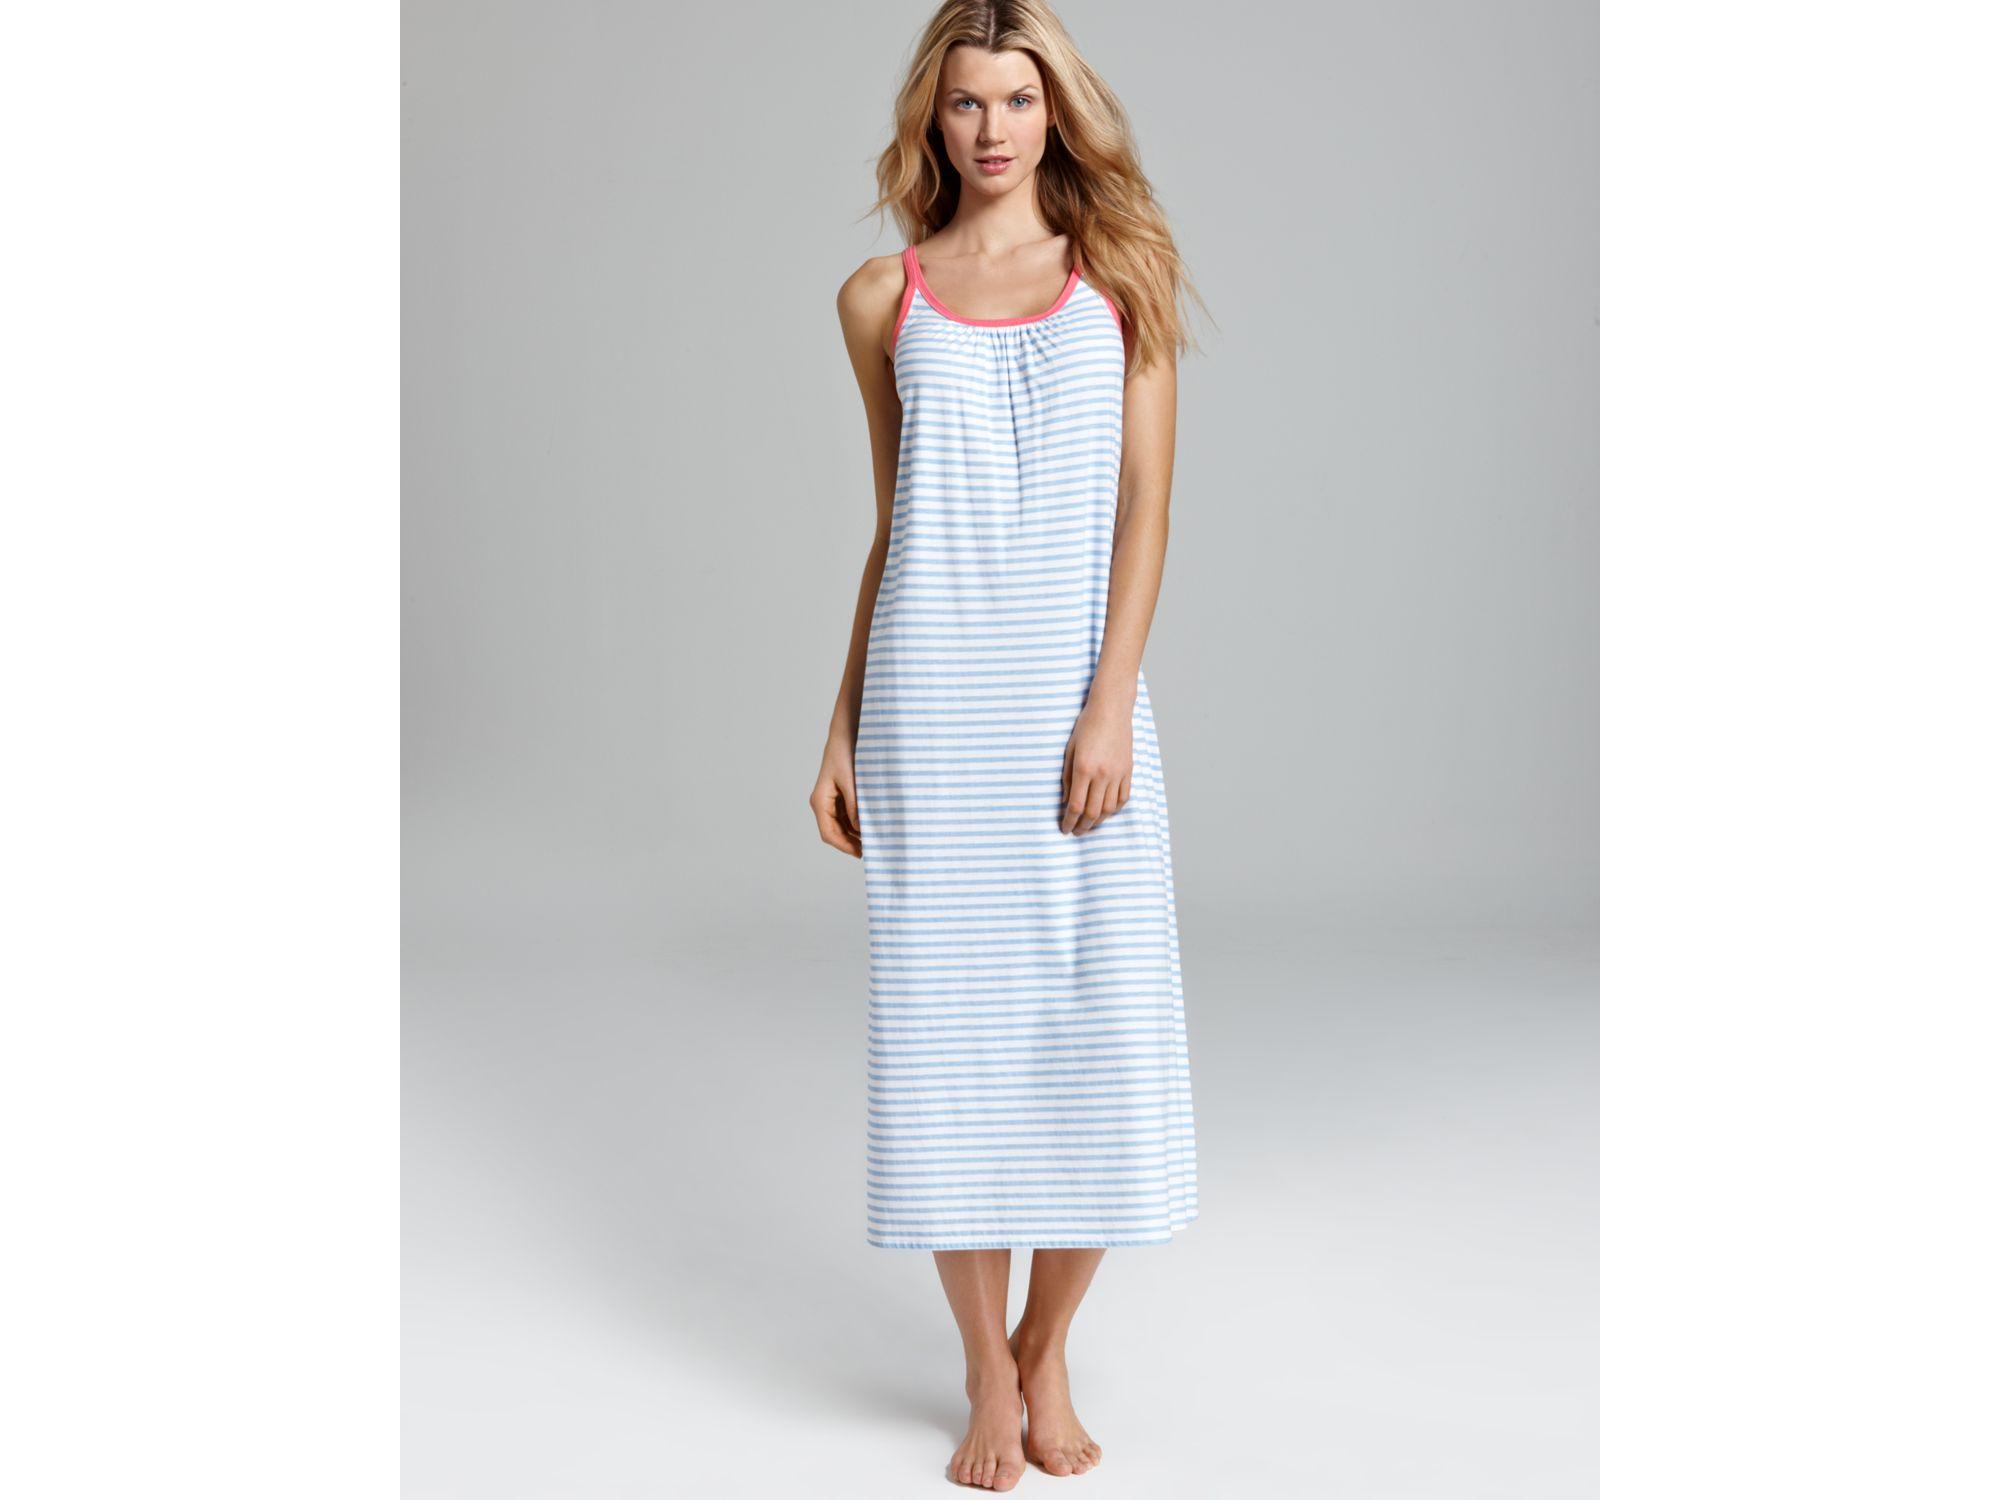 Lyst - Carole Hochman Soft Jersey Striped Long Gown in Blue